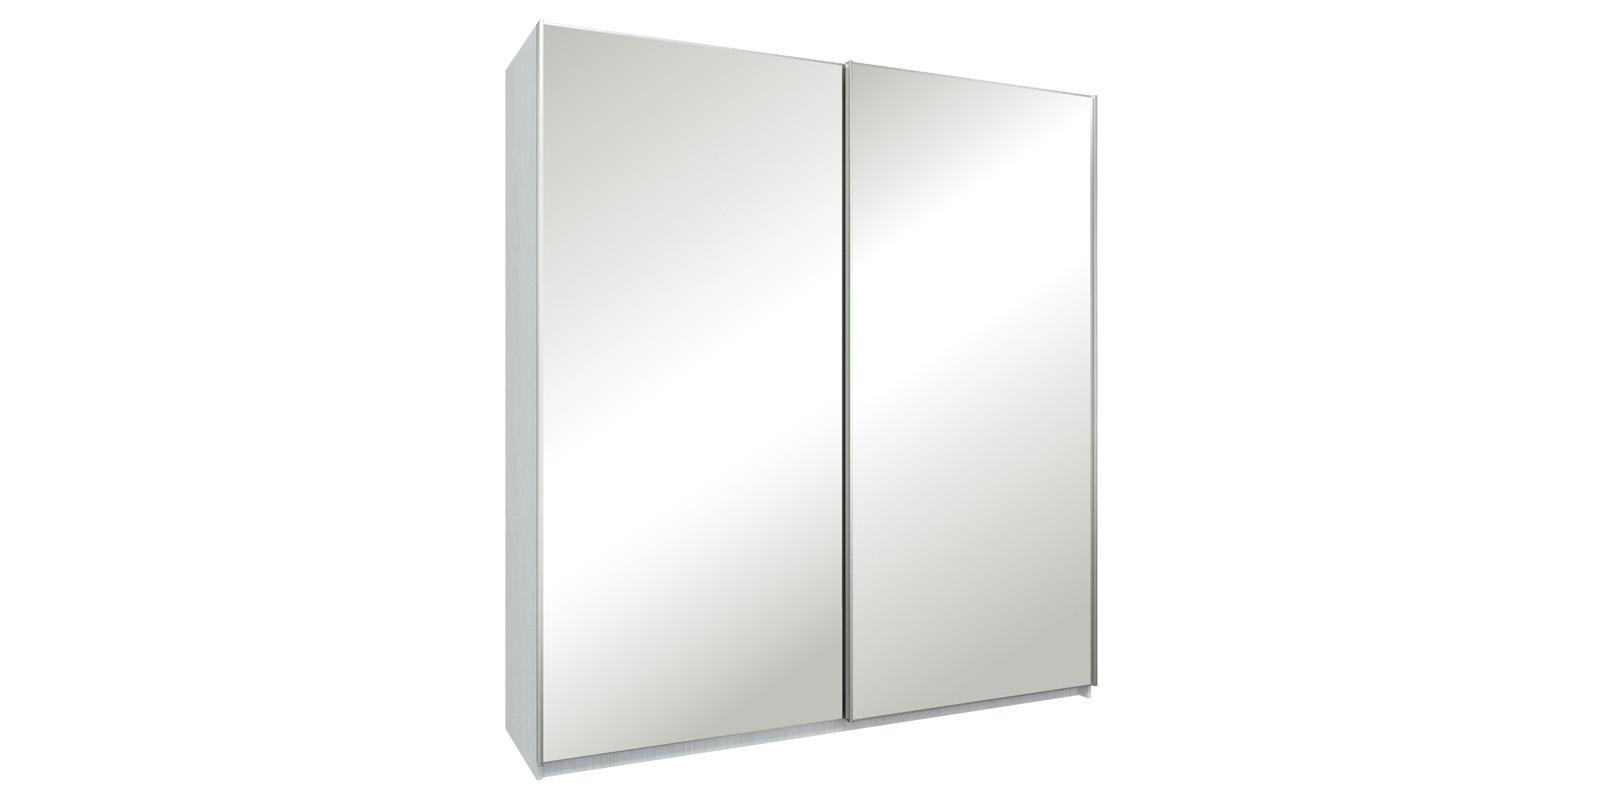 Шкаф-купе двухдверный Лофт 215 см (белый/зеркальный)